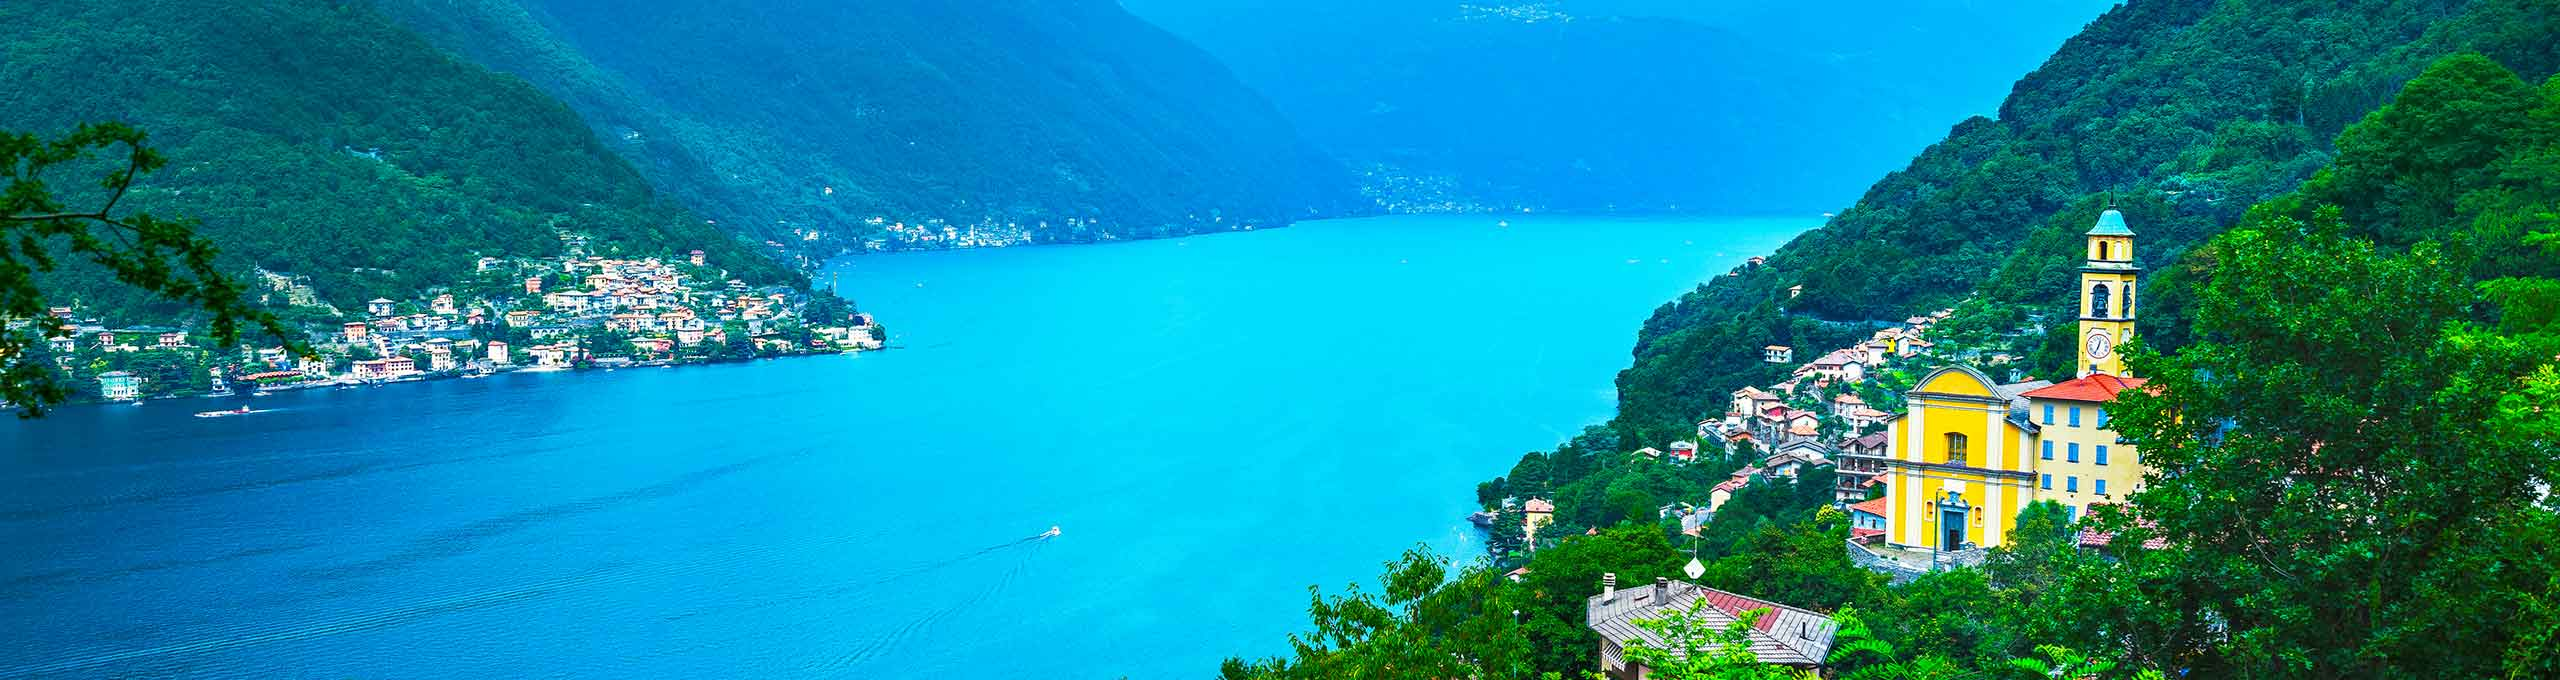 Pognana Lario, Lago di Como